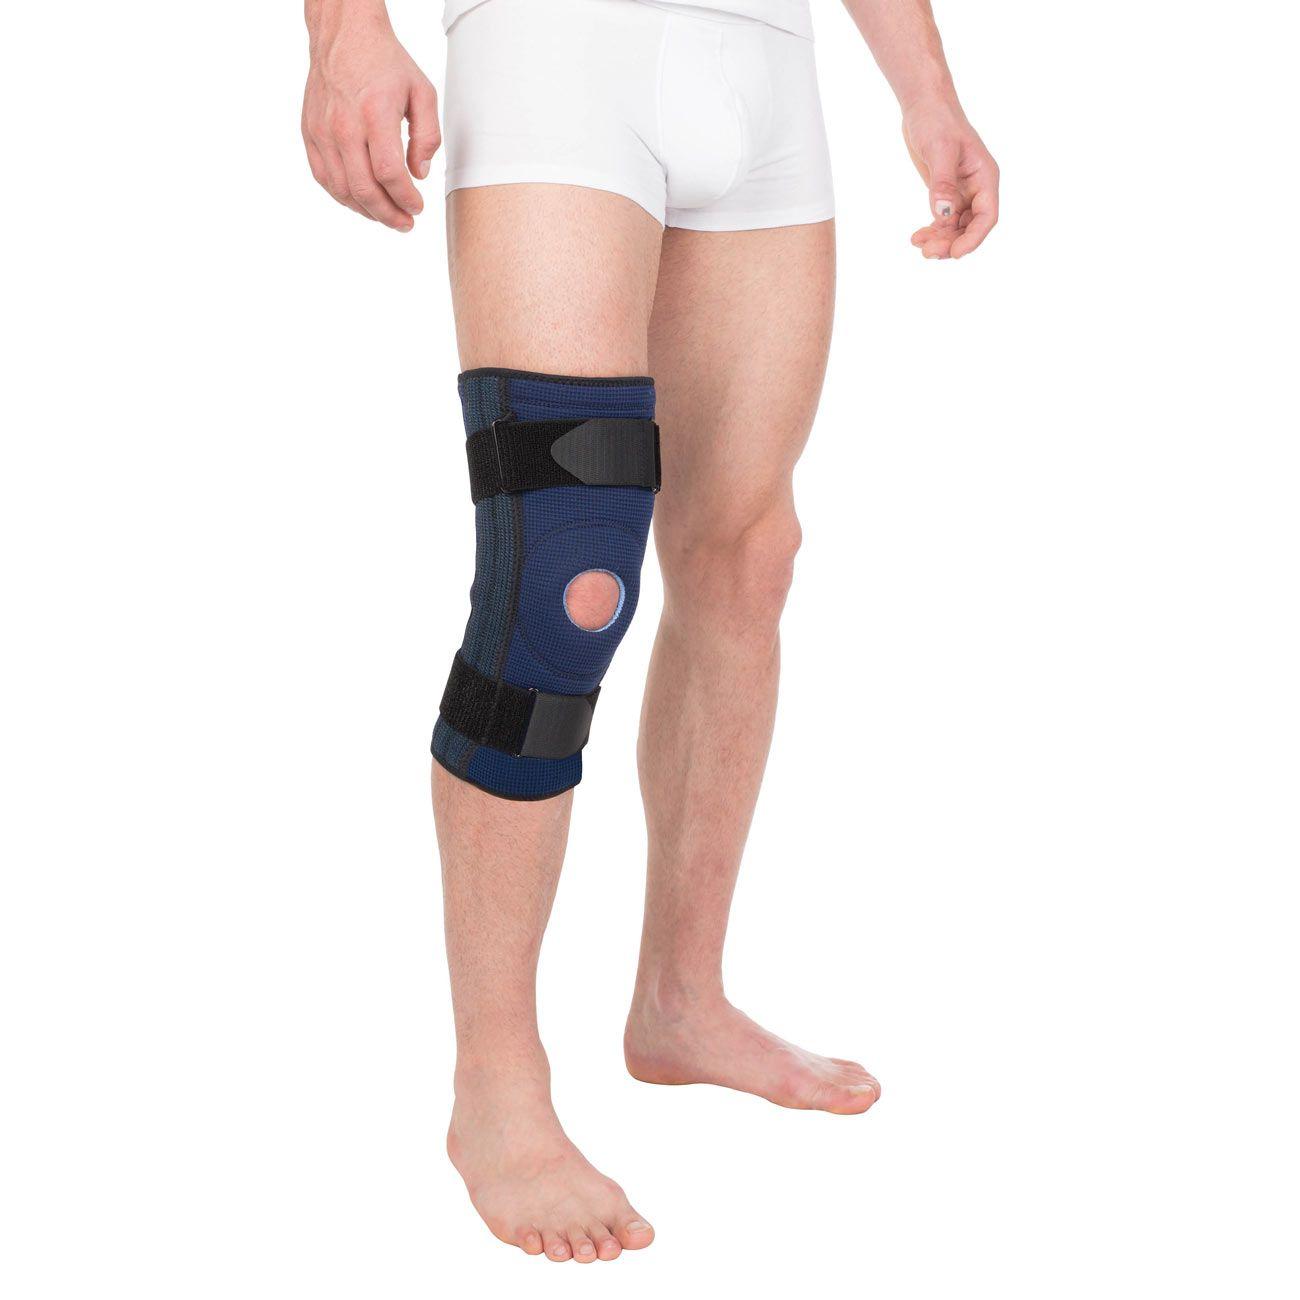 Изображение - Бандаж компрессионный на коленный сустав тривес 47e2935e6fff47c736005a89a0858381